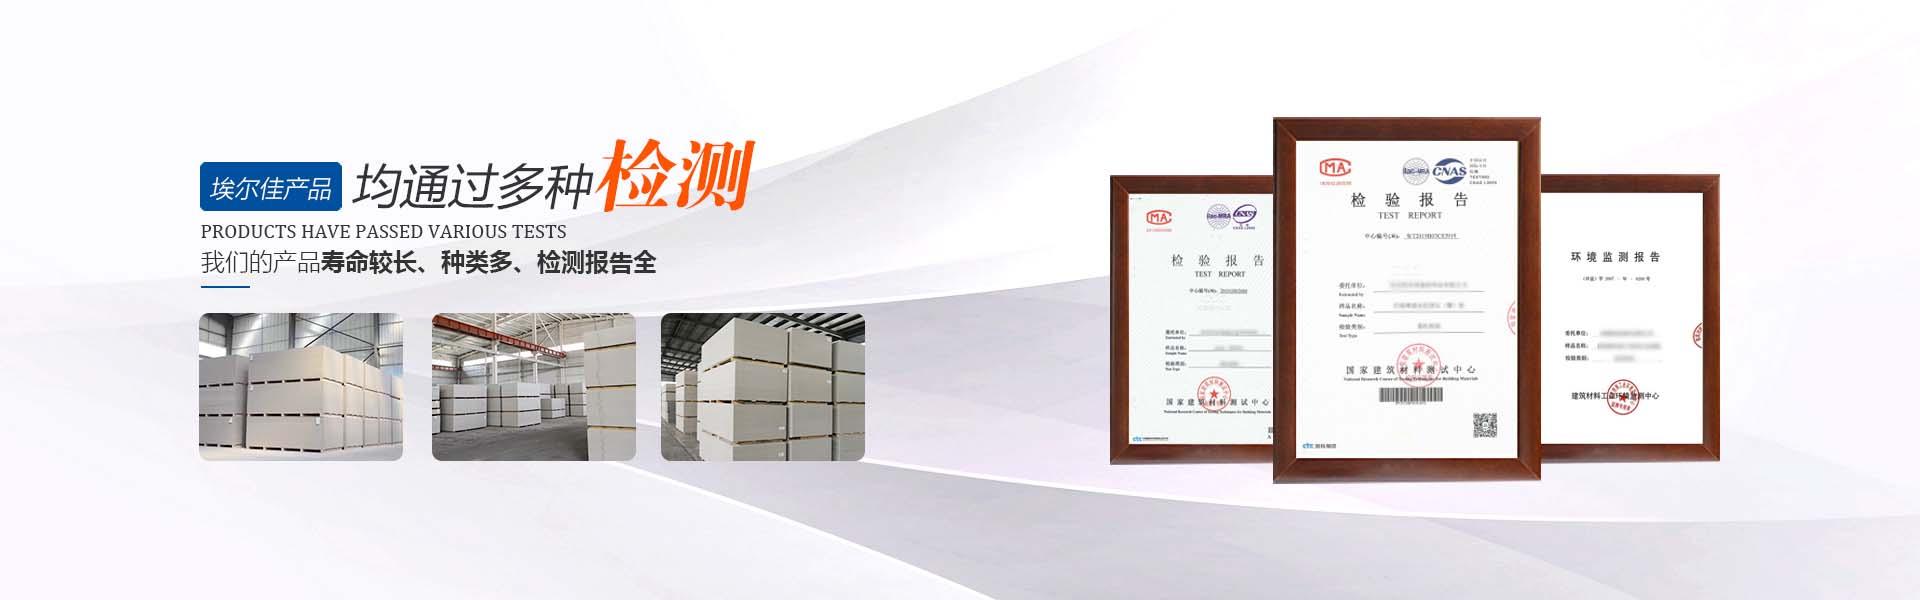 纤维水泥板,栈道板,防爆泄爆板,硅酸盐防火板检测报告